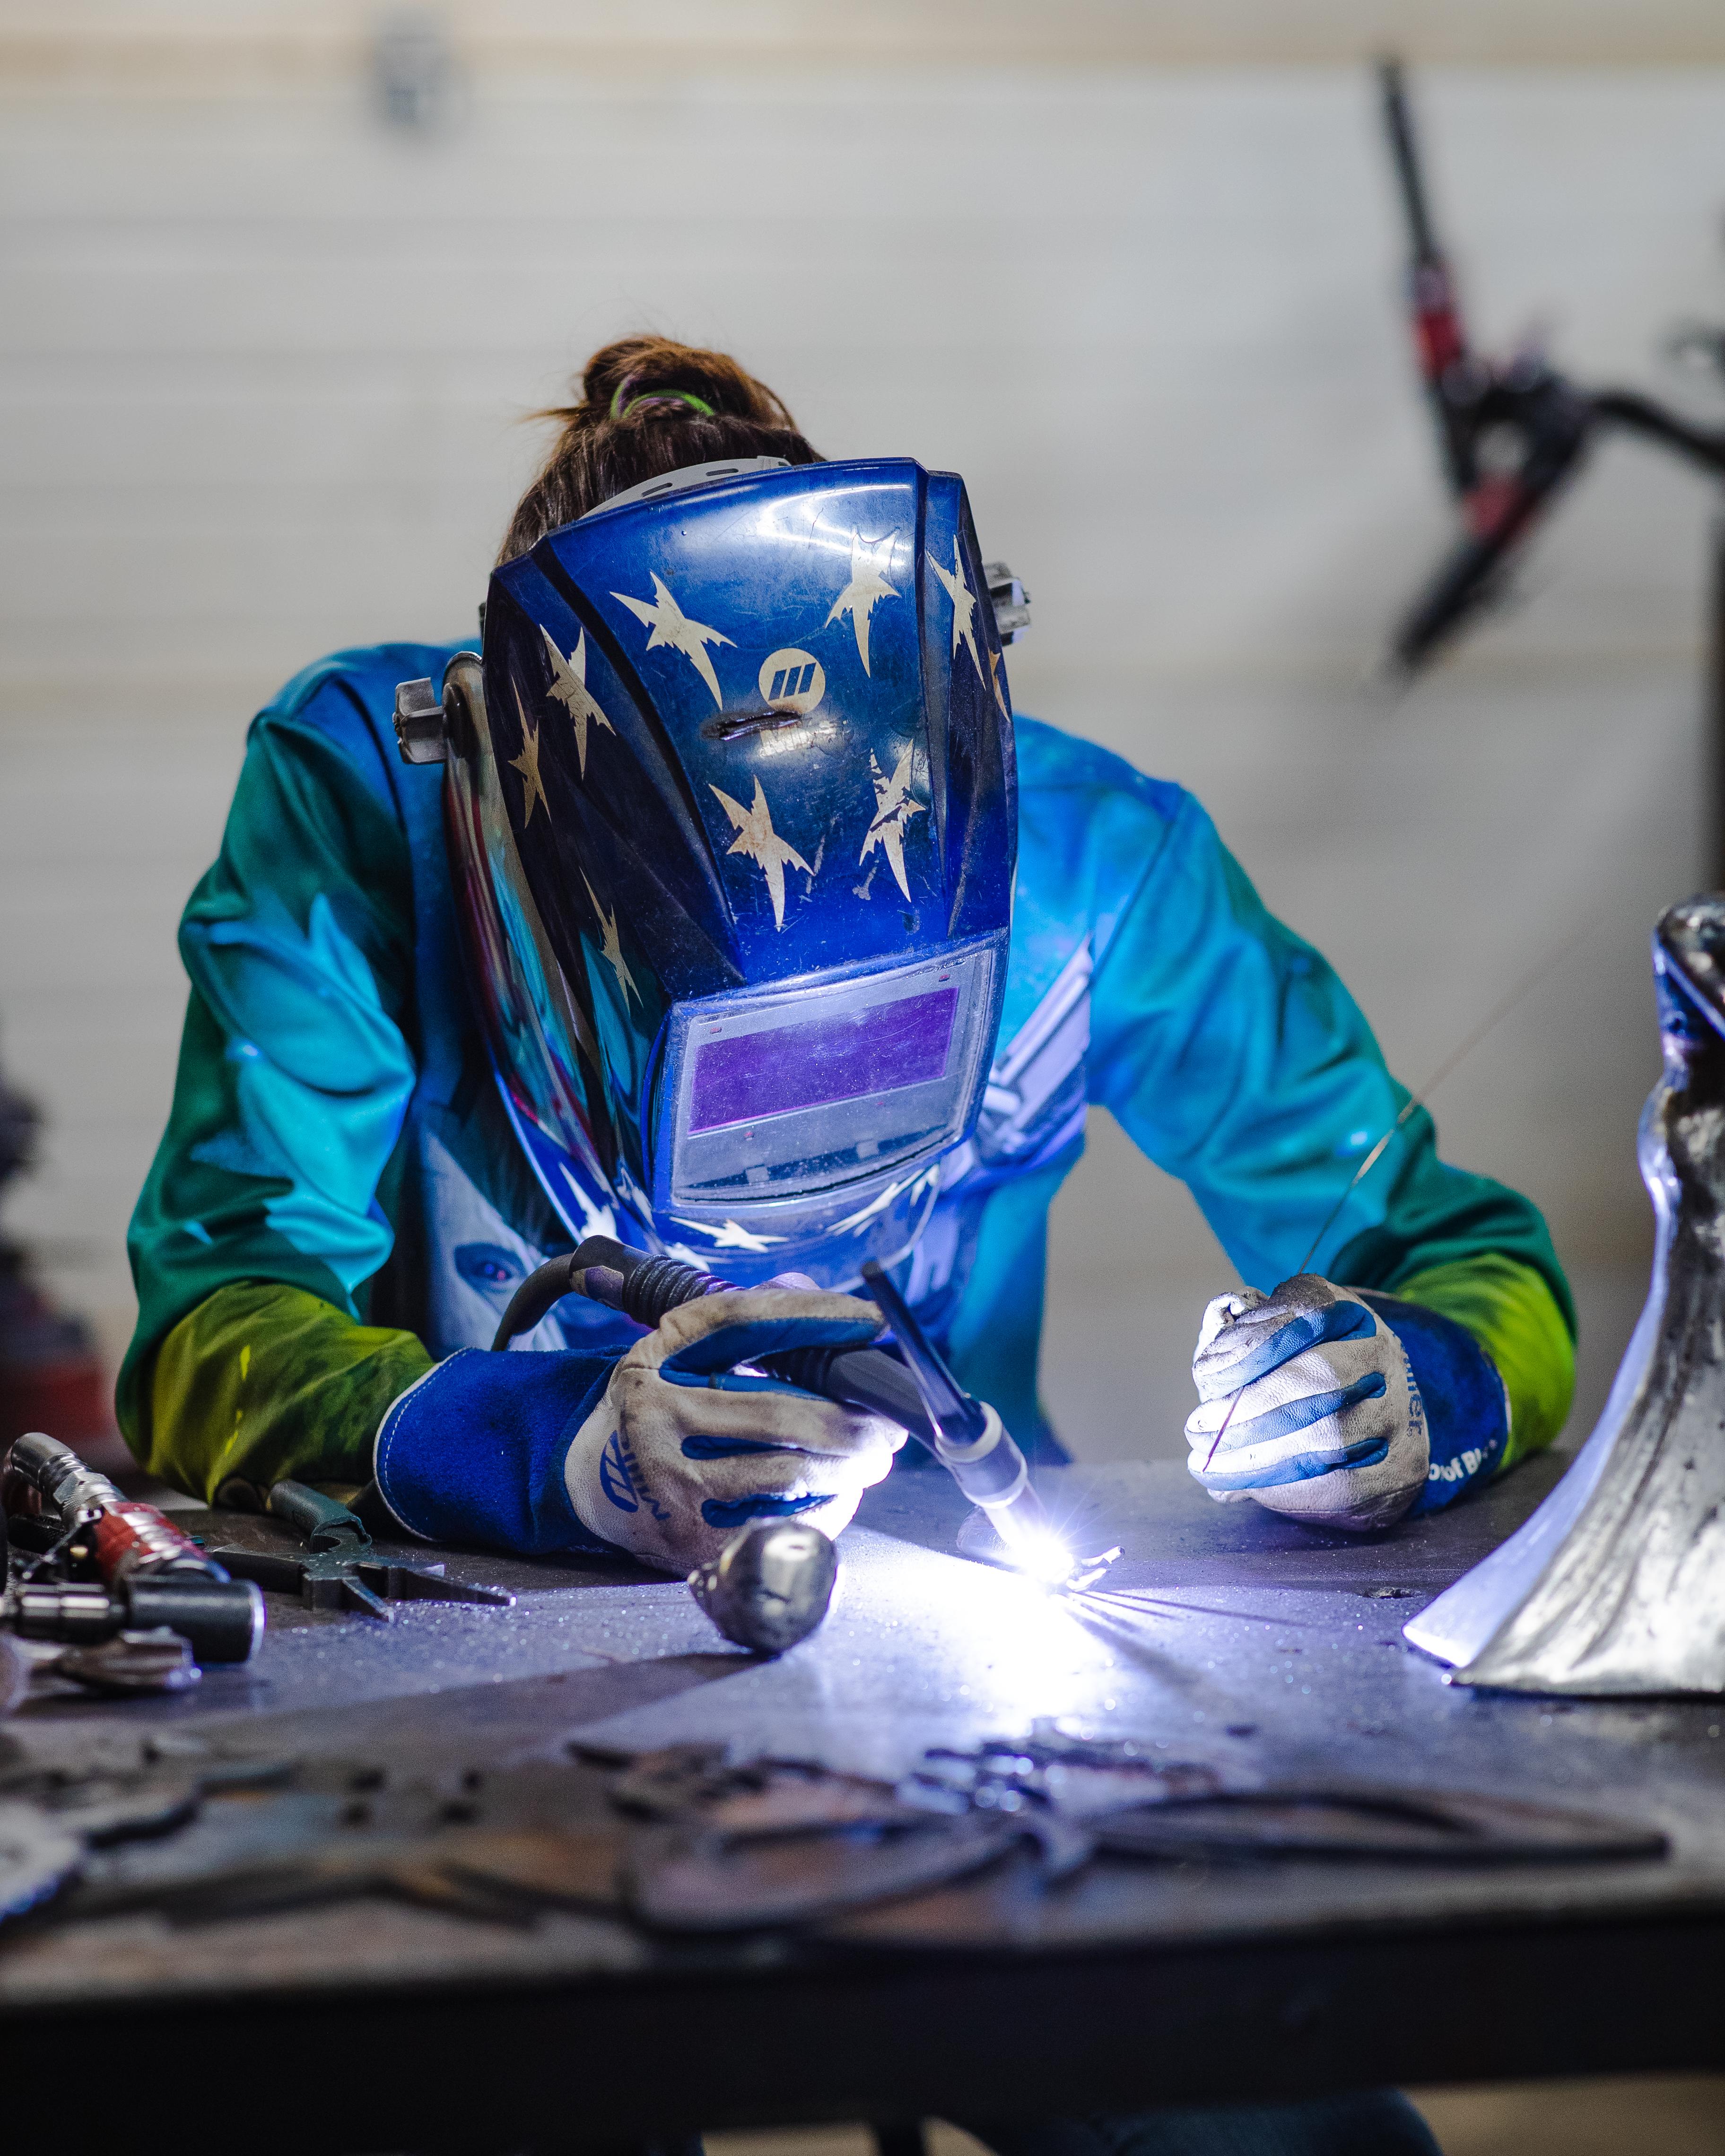 Barbie The Welder TIG welding